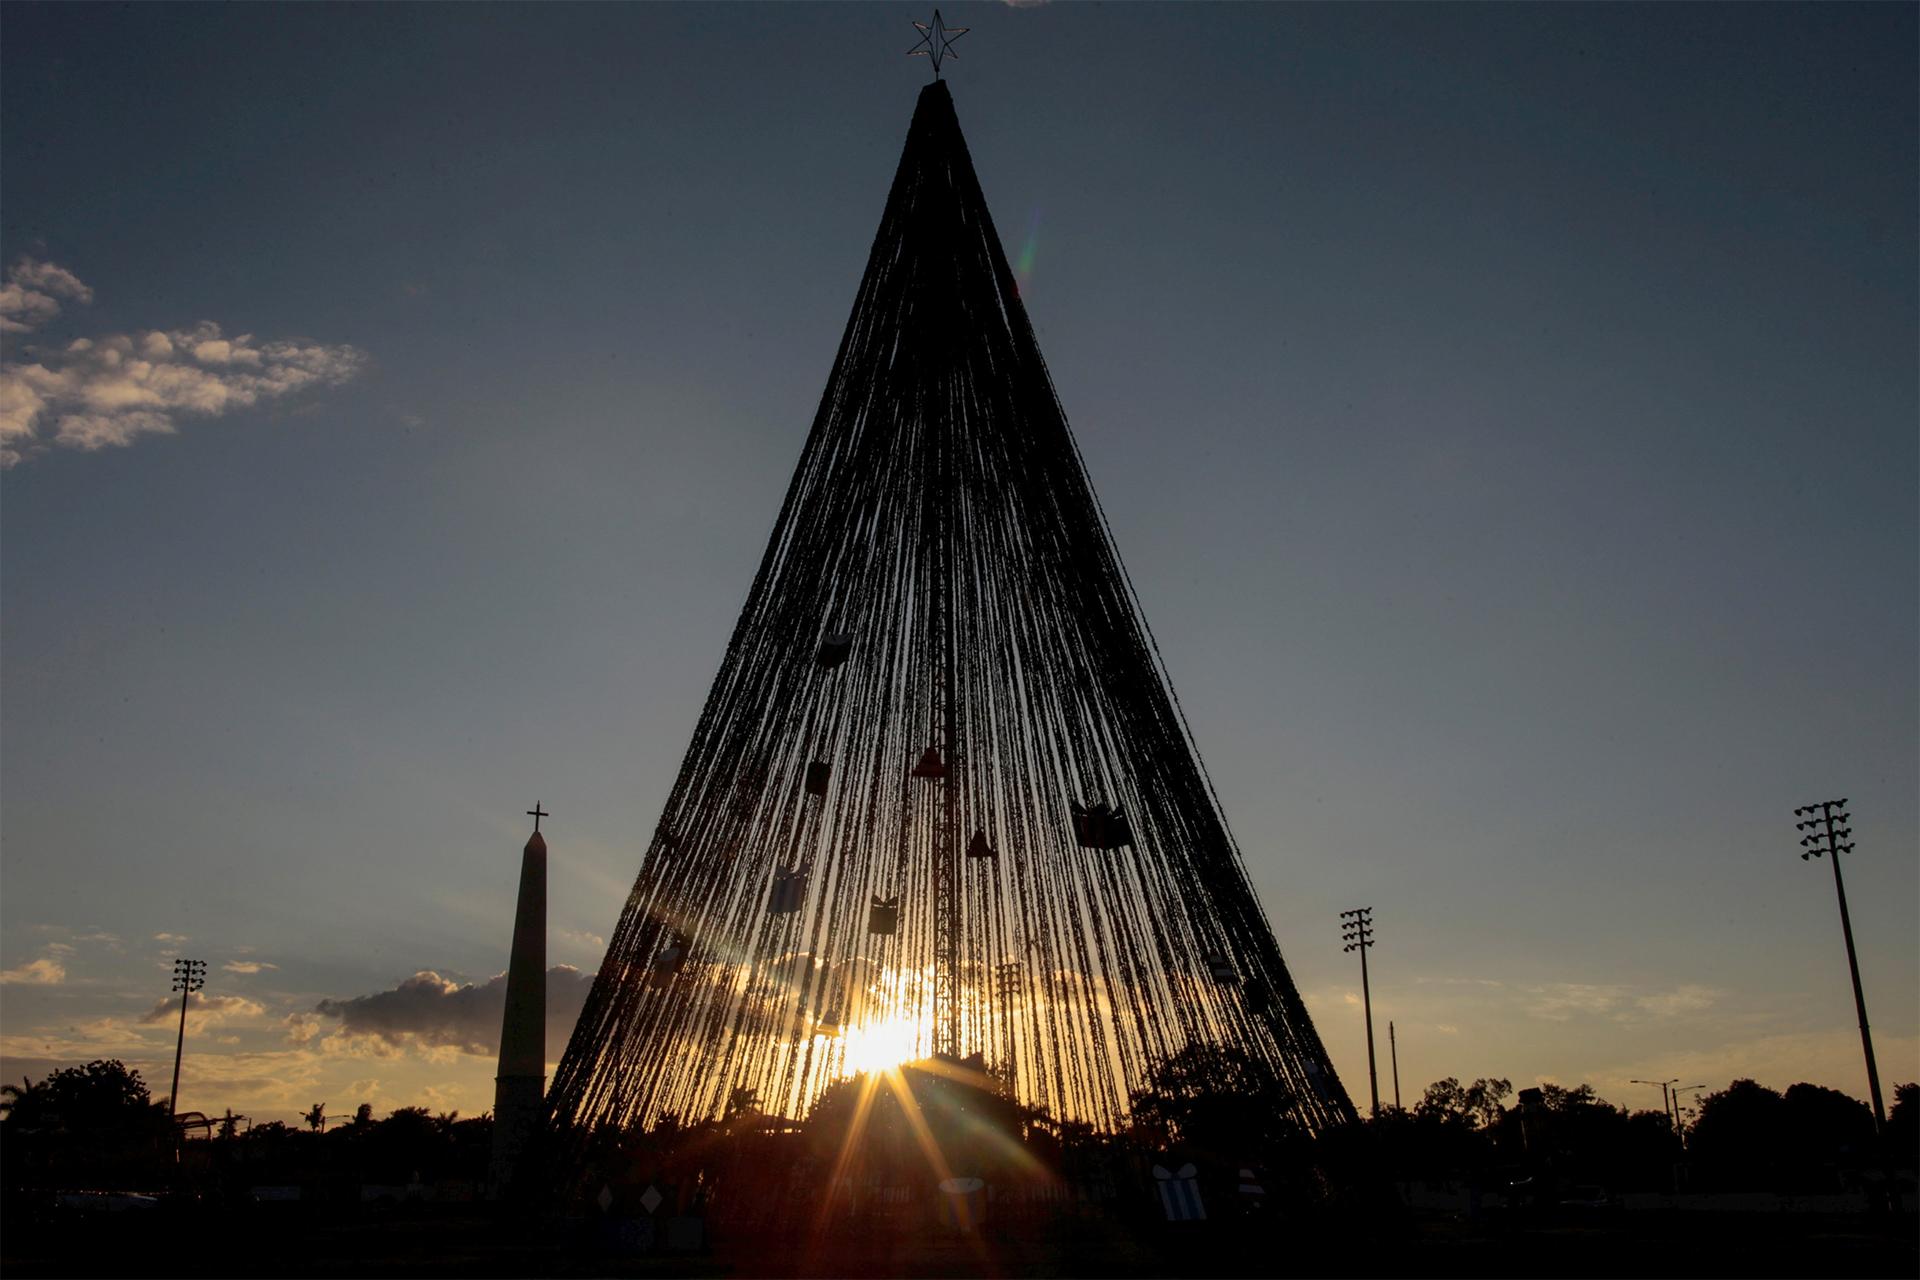 La plaza Juan Pablo II de Managua, en Nicaragua, en la puesta del Sol tras el árbol de Navidad